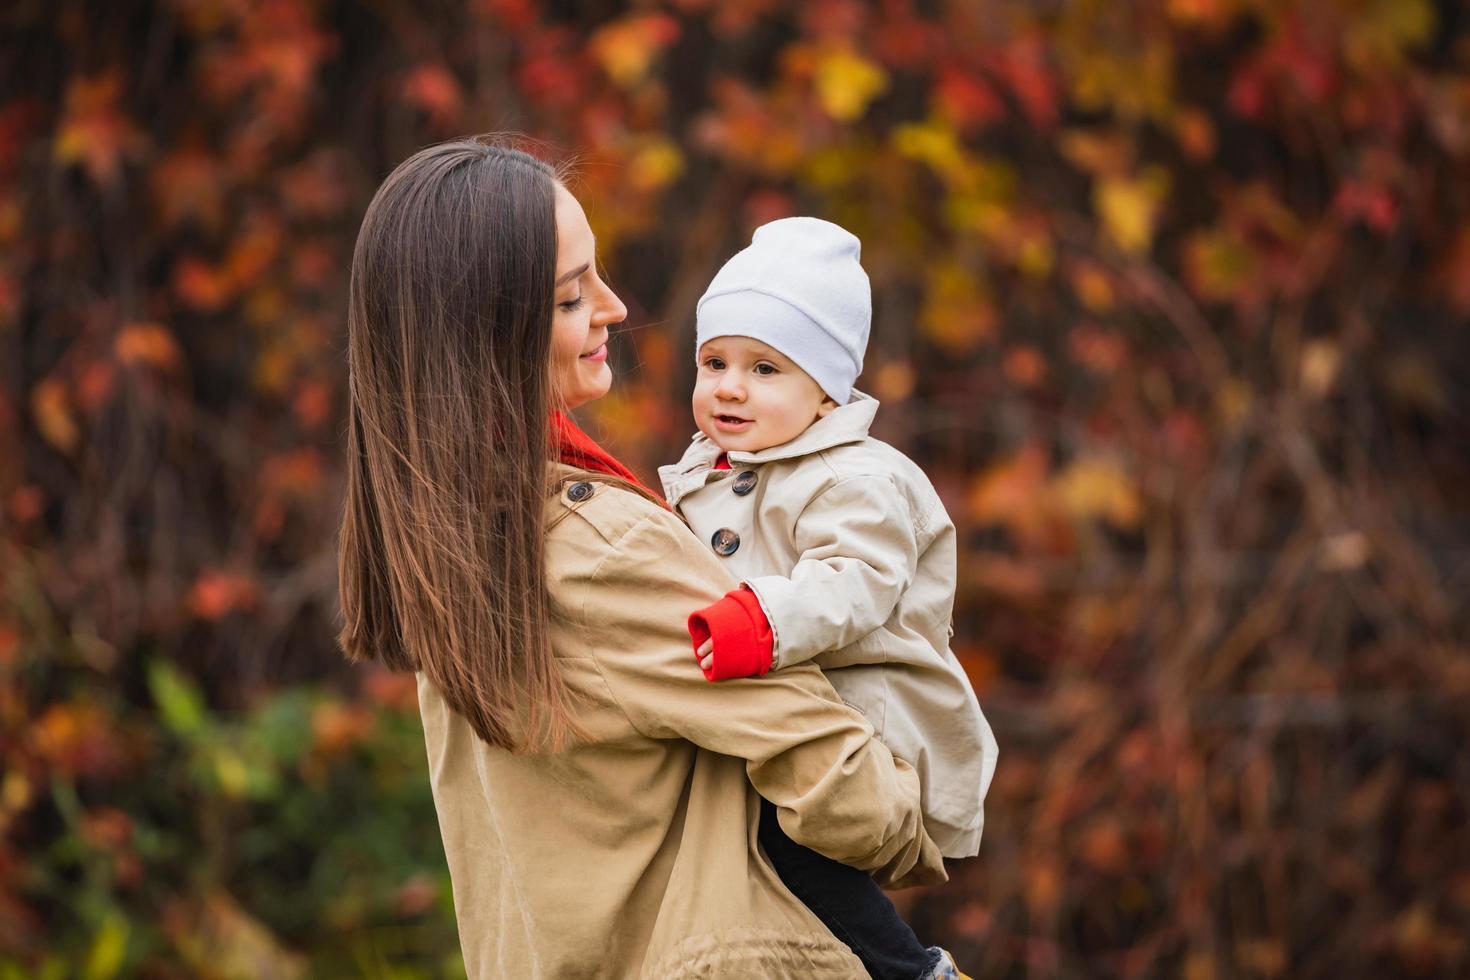 bahía con mamá en el parque de otoño. mamá e hija en el otoño. mamá sostiene al bebé en sus brazos. madre con su pequeña hija en el parque de otoño en un paseo. foto